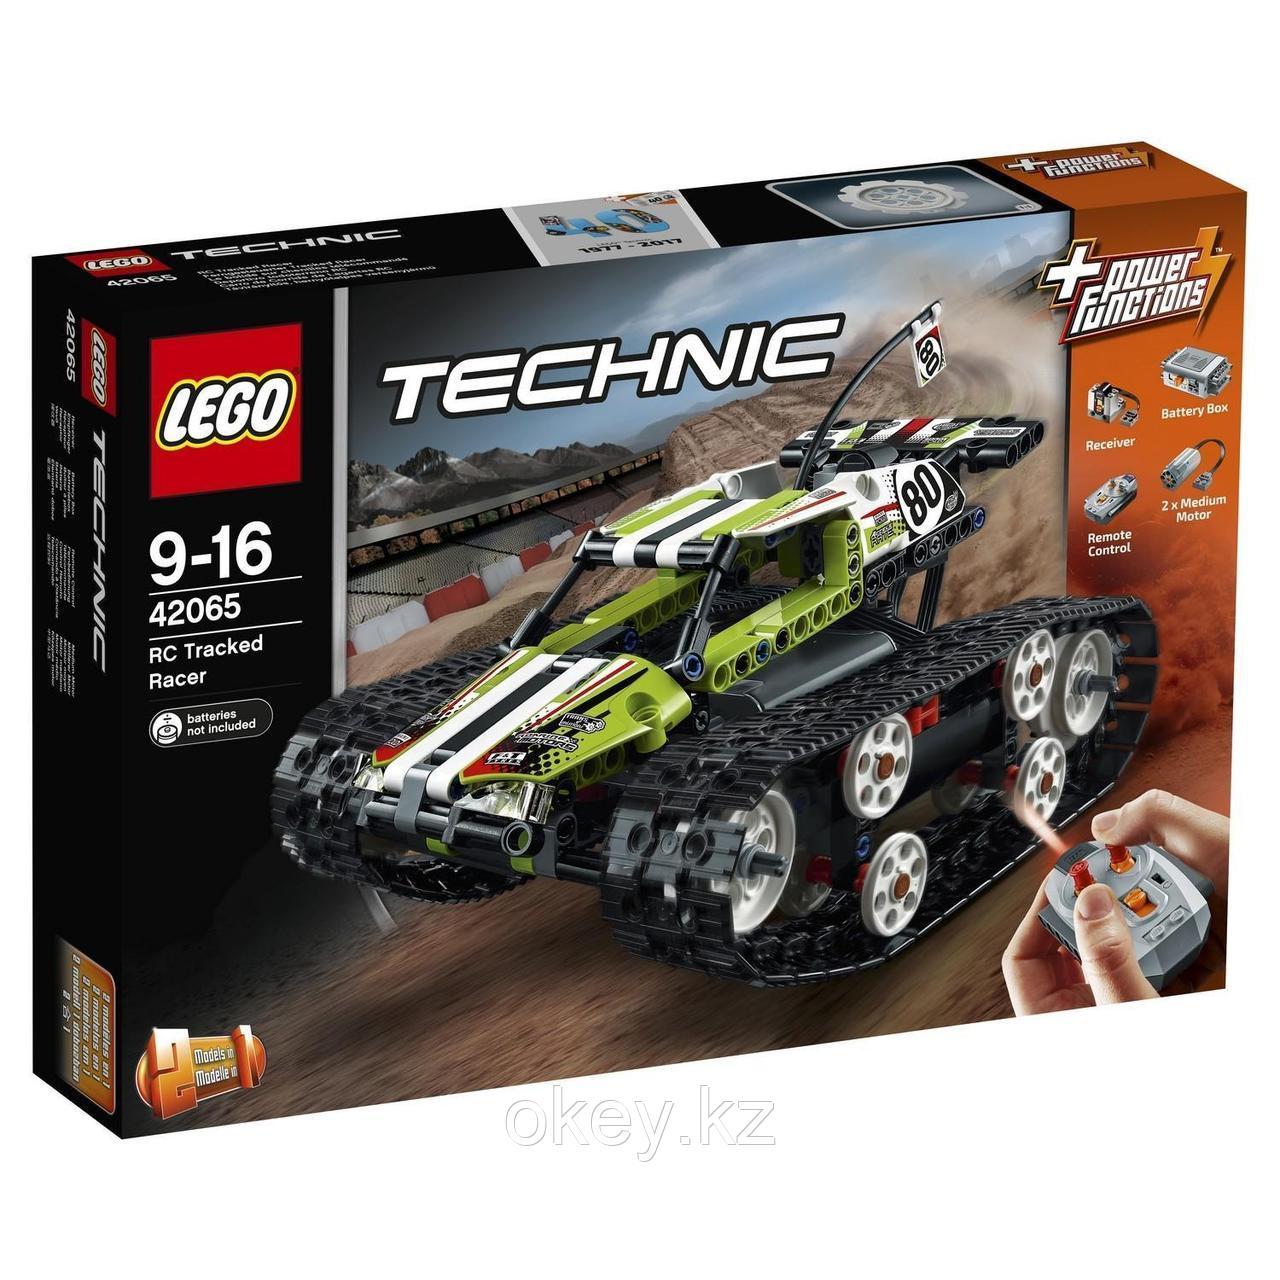 LEGO Technic: Скоростной вездеход с дистанционным управлением 42065